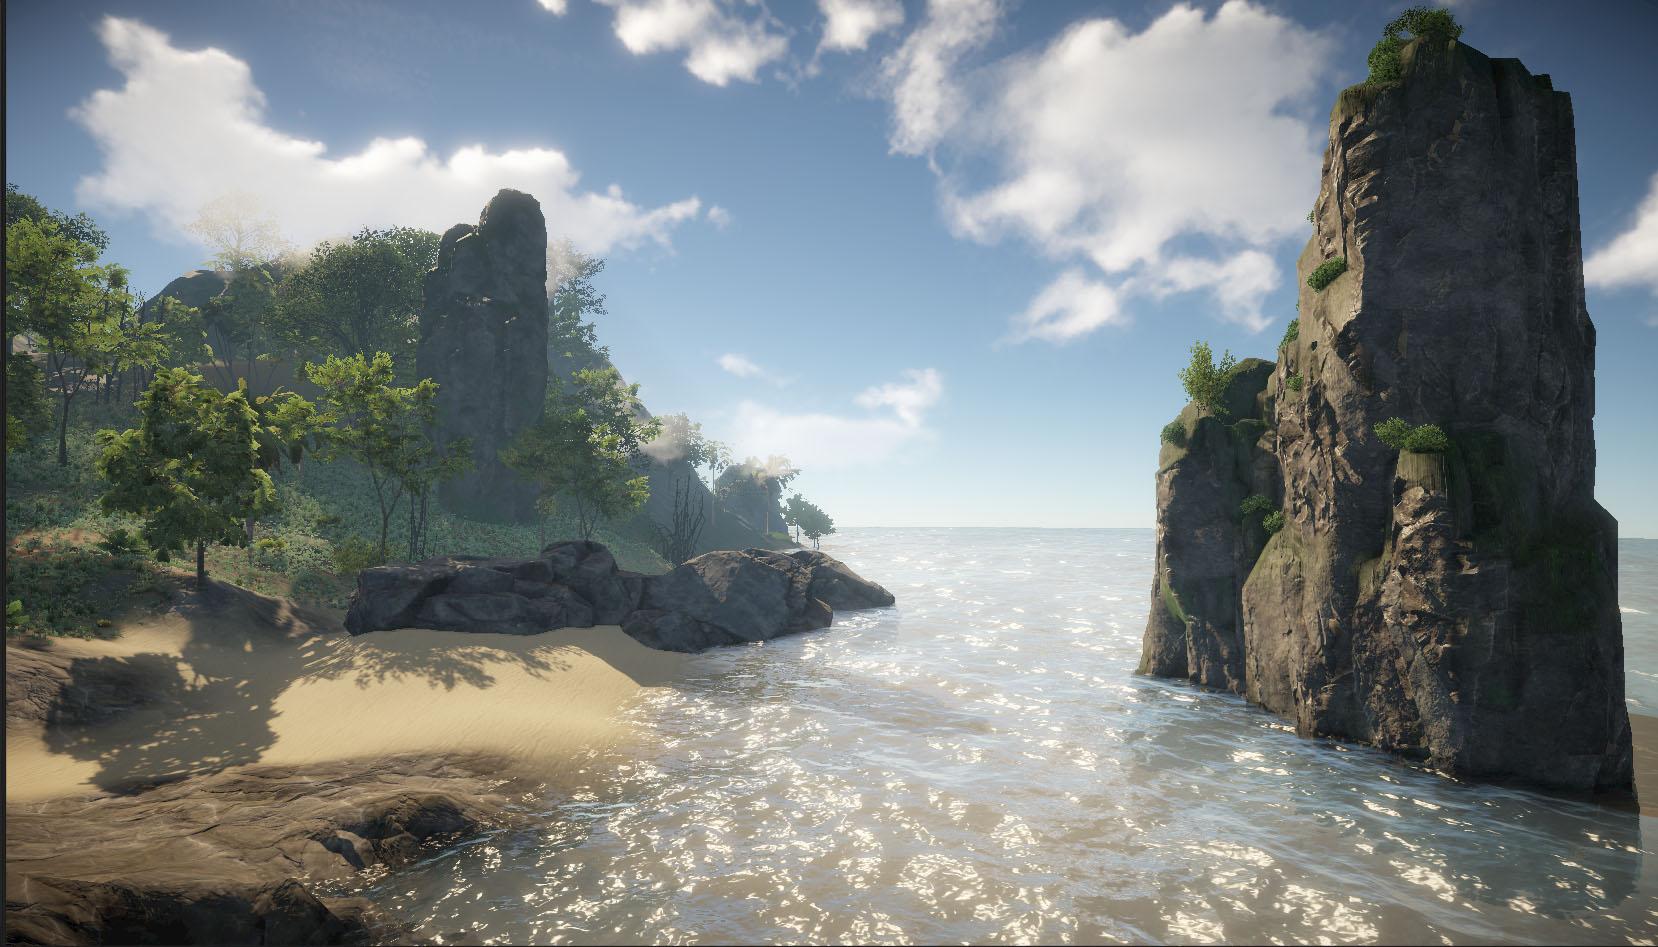 WOK-beach-7.jpg